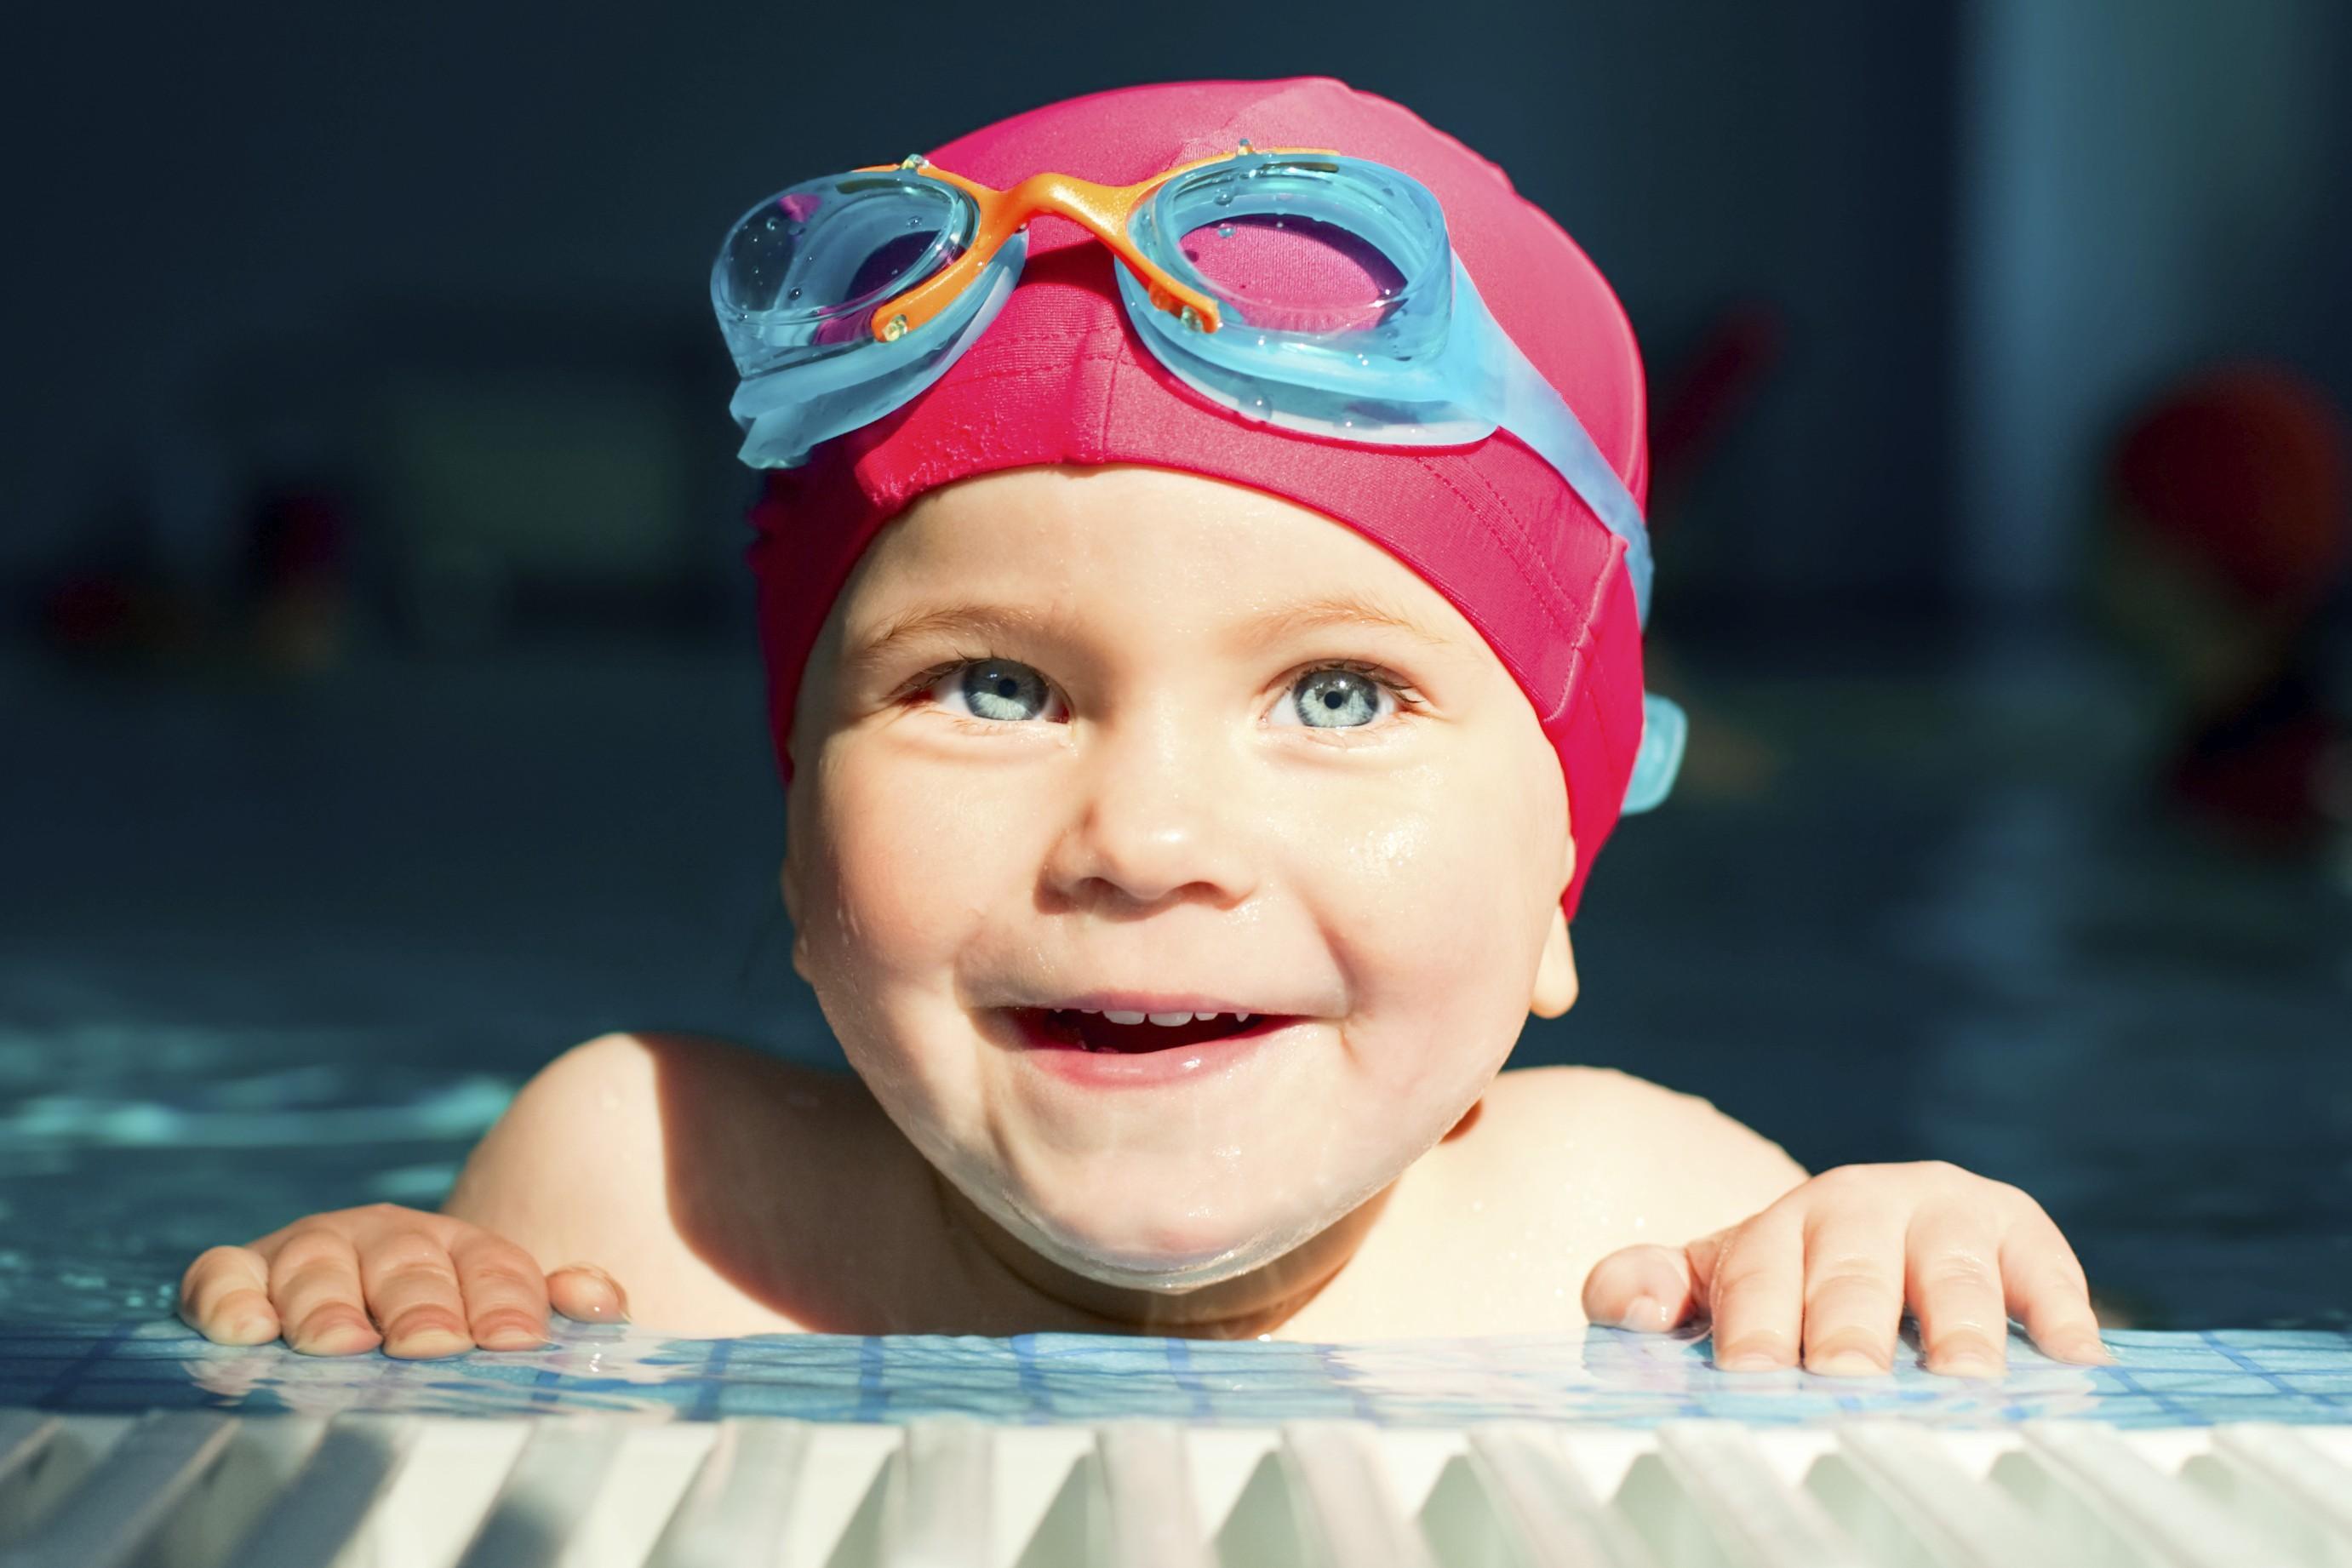 come-scegliere-una-piscina-per-bambini